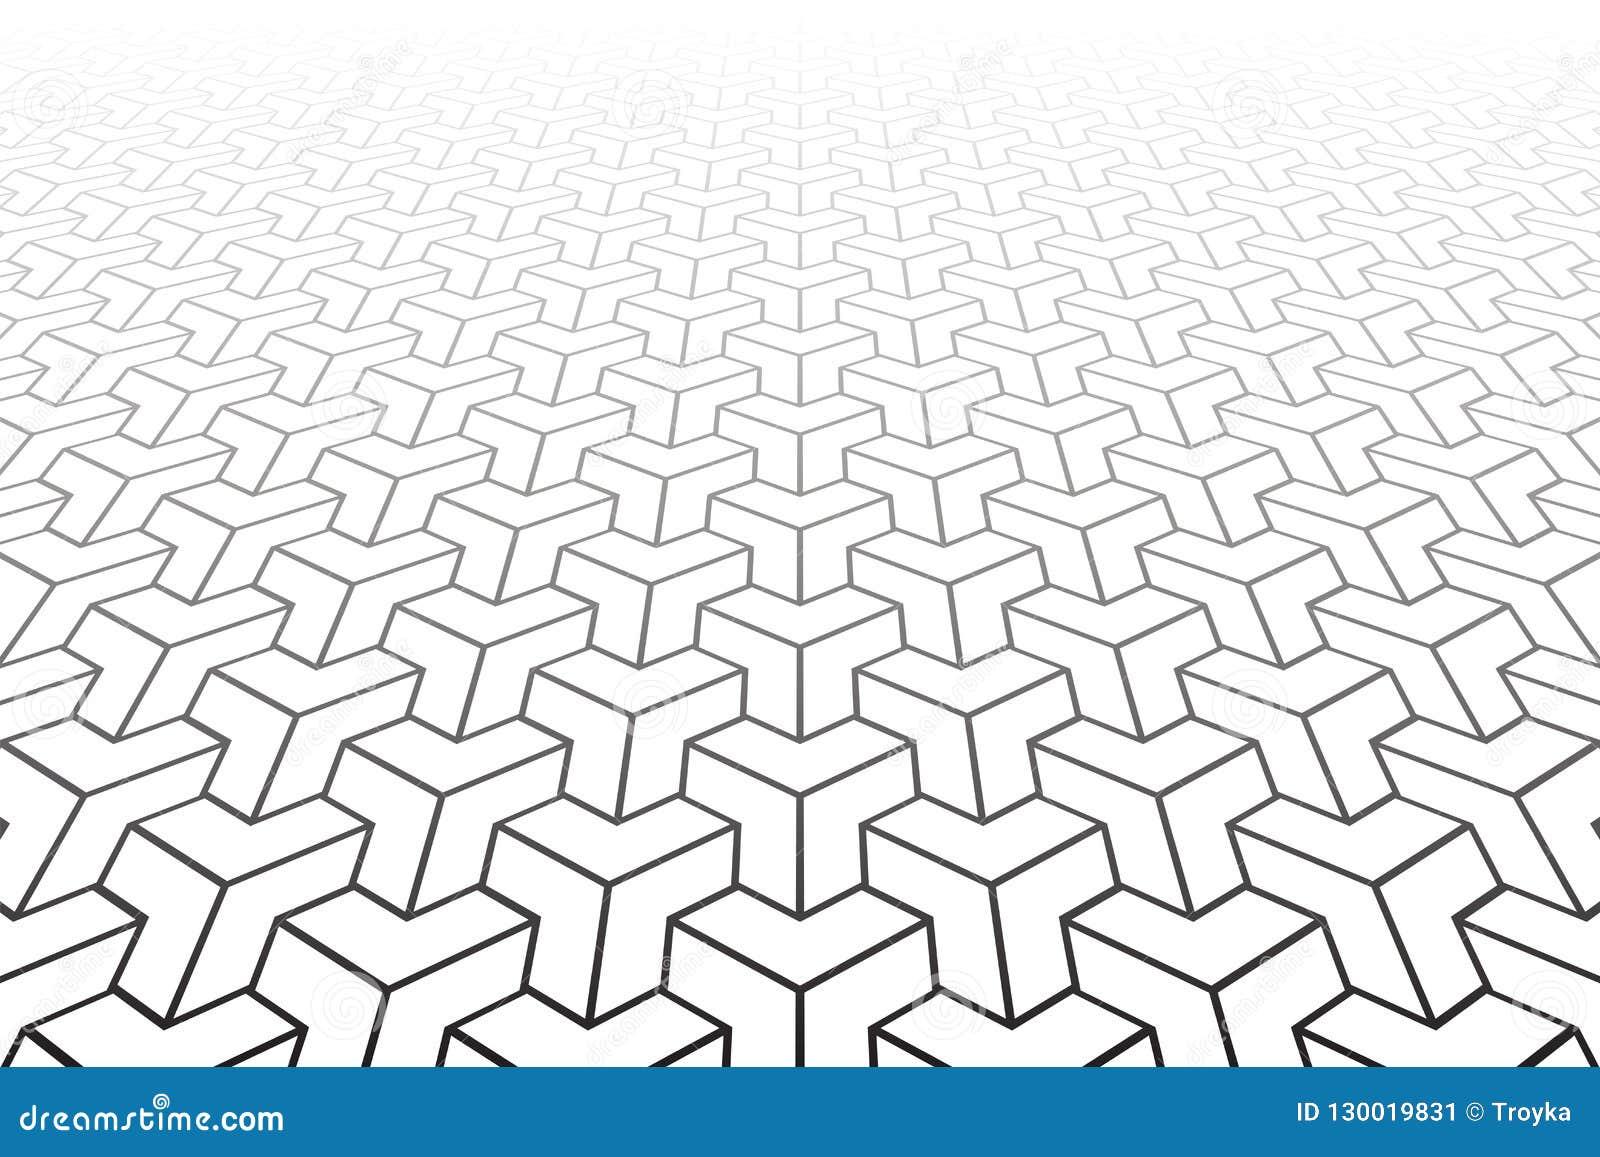 Abstrakt geometrisk modell minska perspektiv